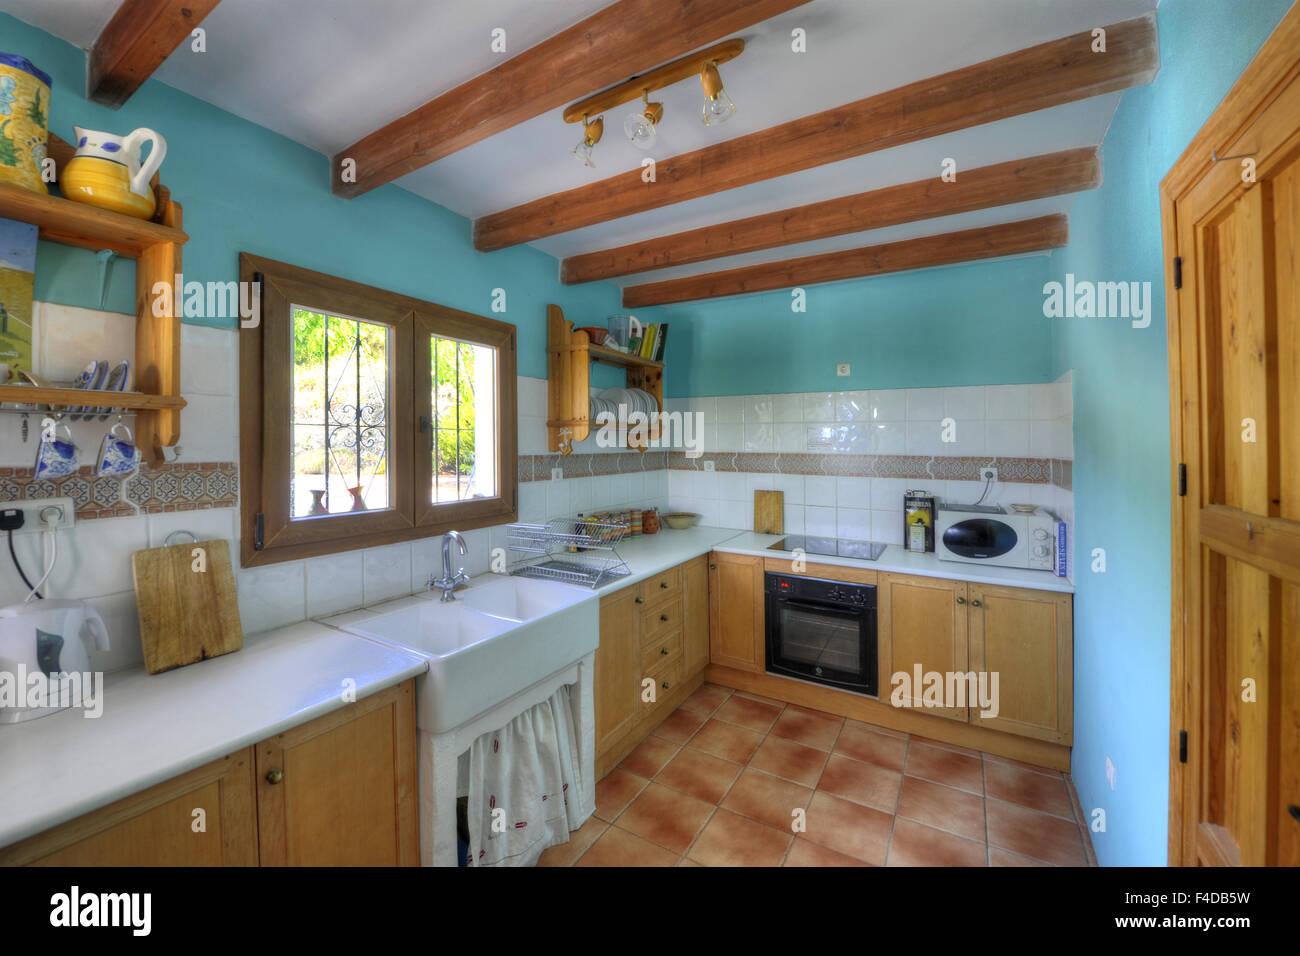 Spanish Villa Kitchen Stock Photos & Spanish Villa Kitchen Stock ...